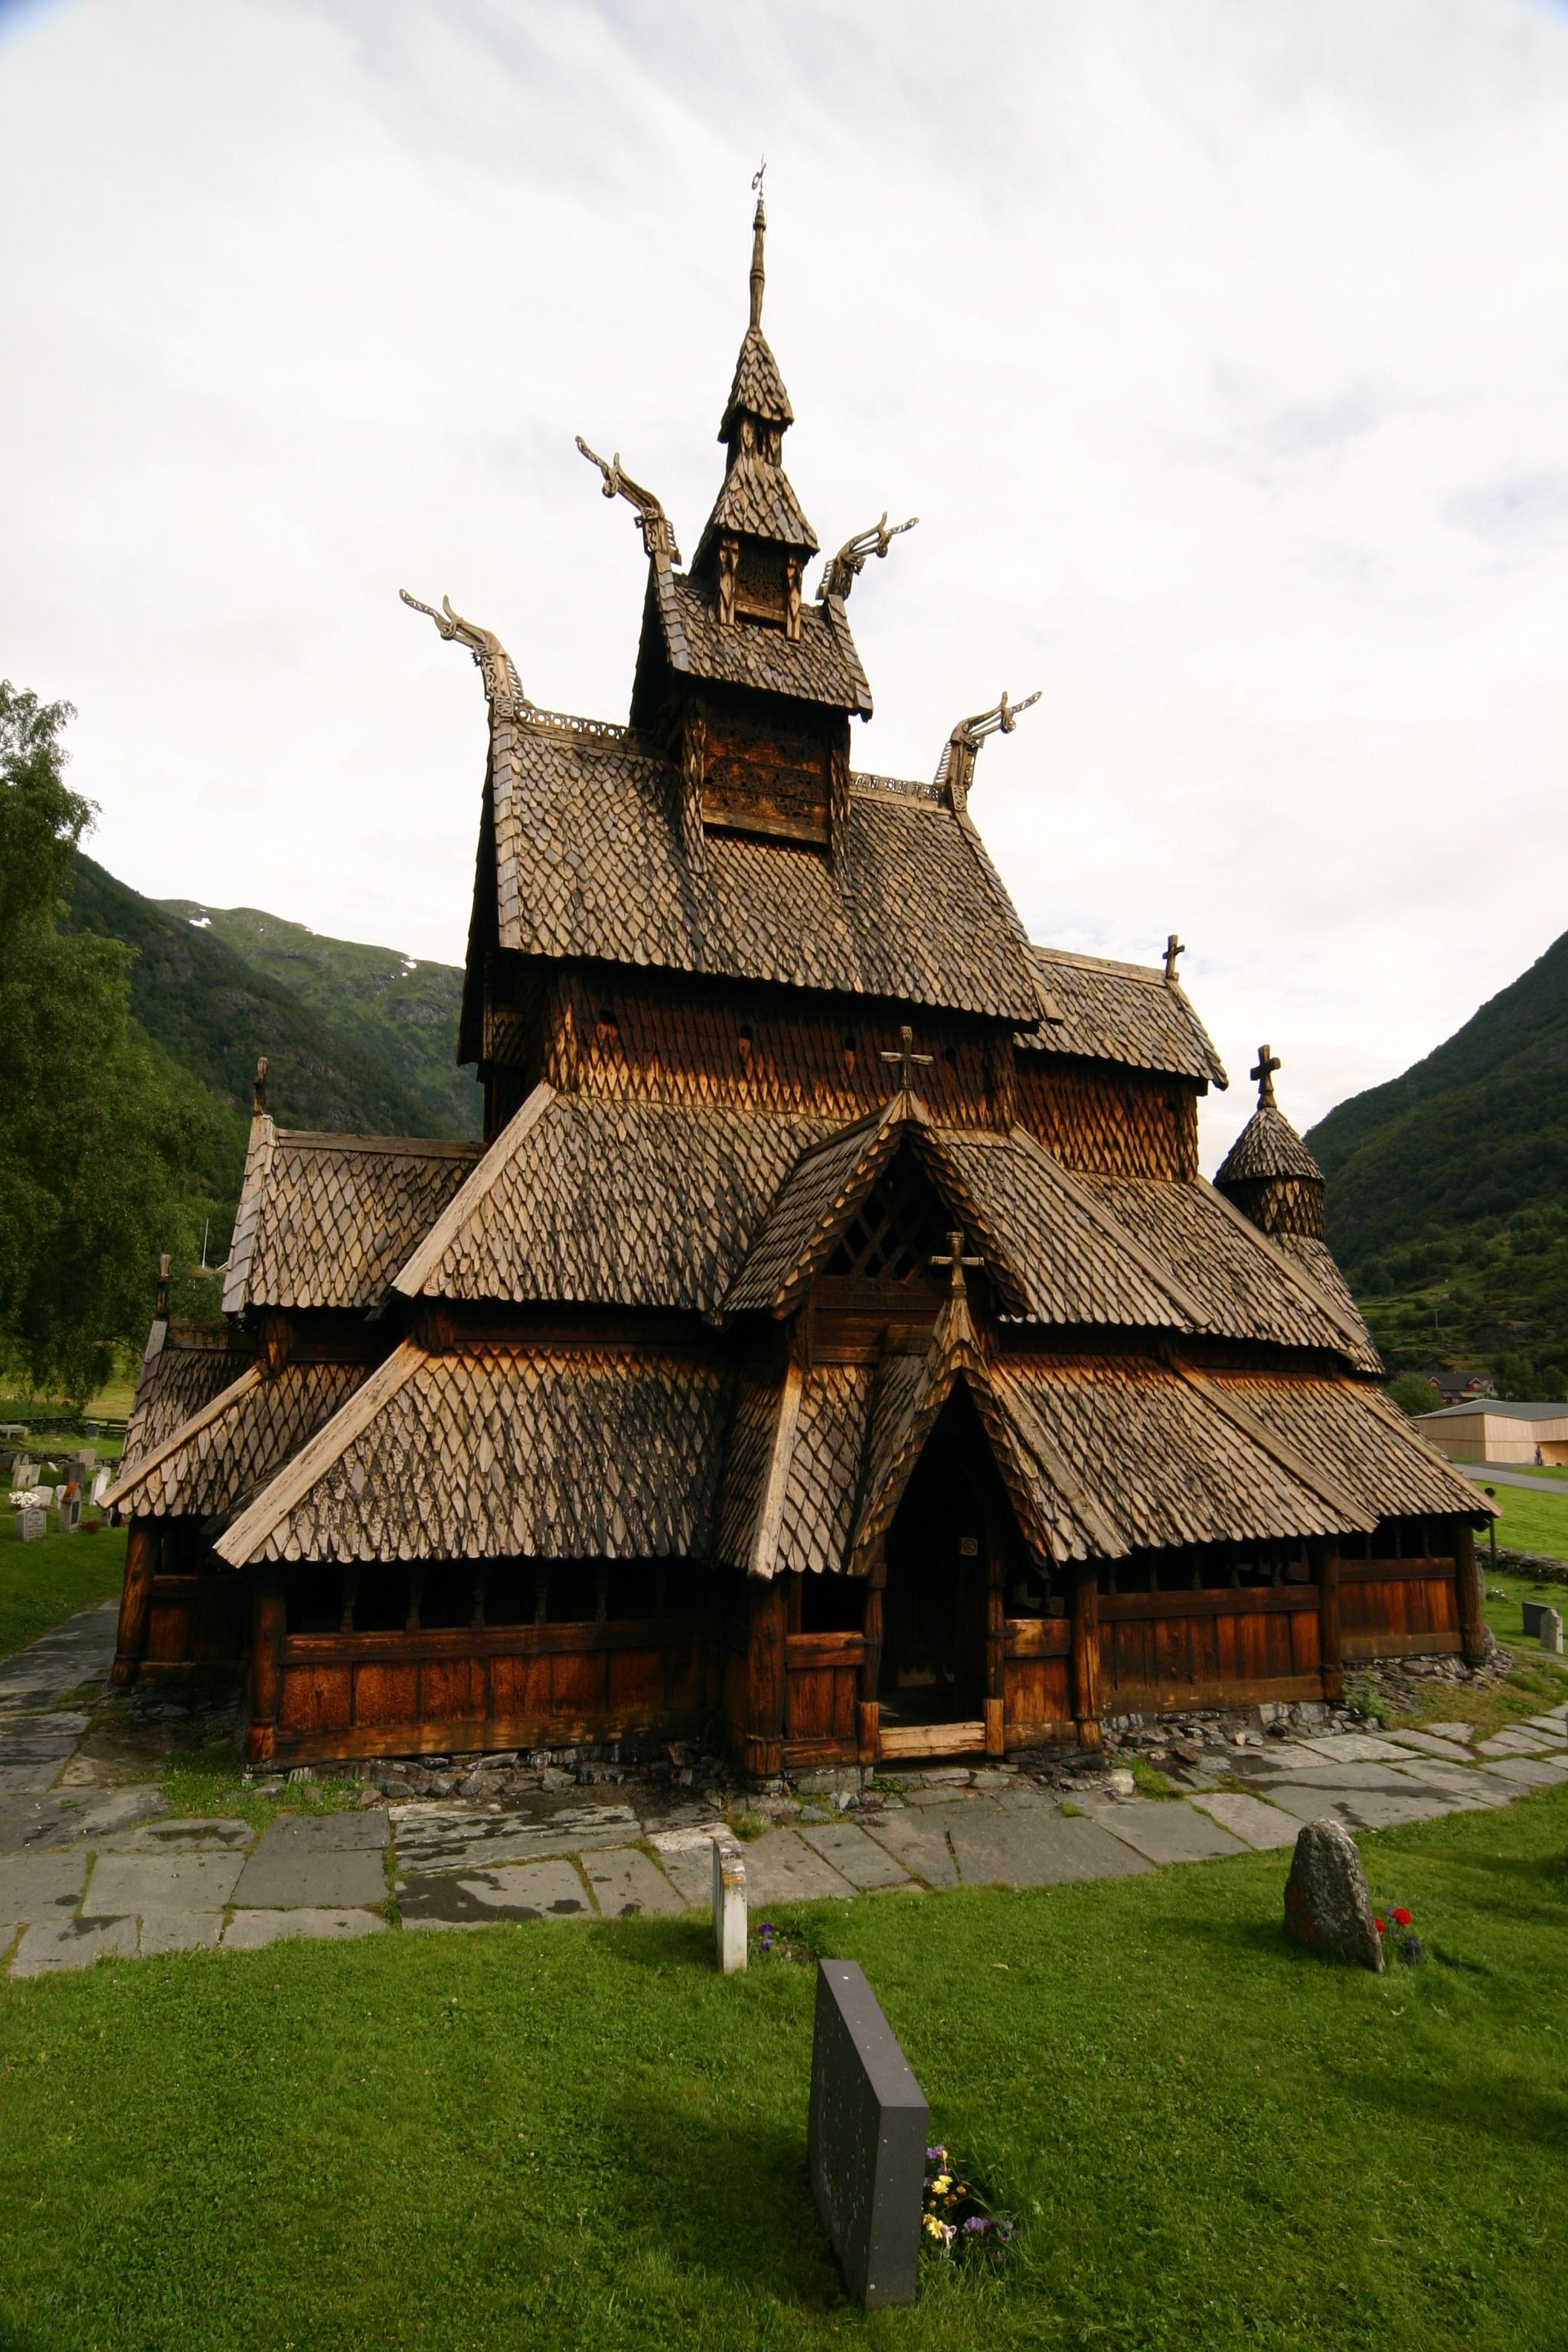 Viking Architecture: Stave Church (Stavekirche) In Borgund, Norway (The Prayer